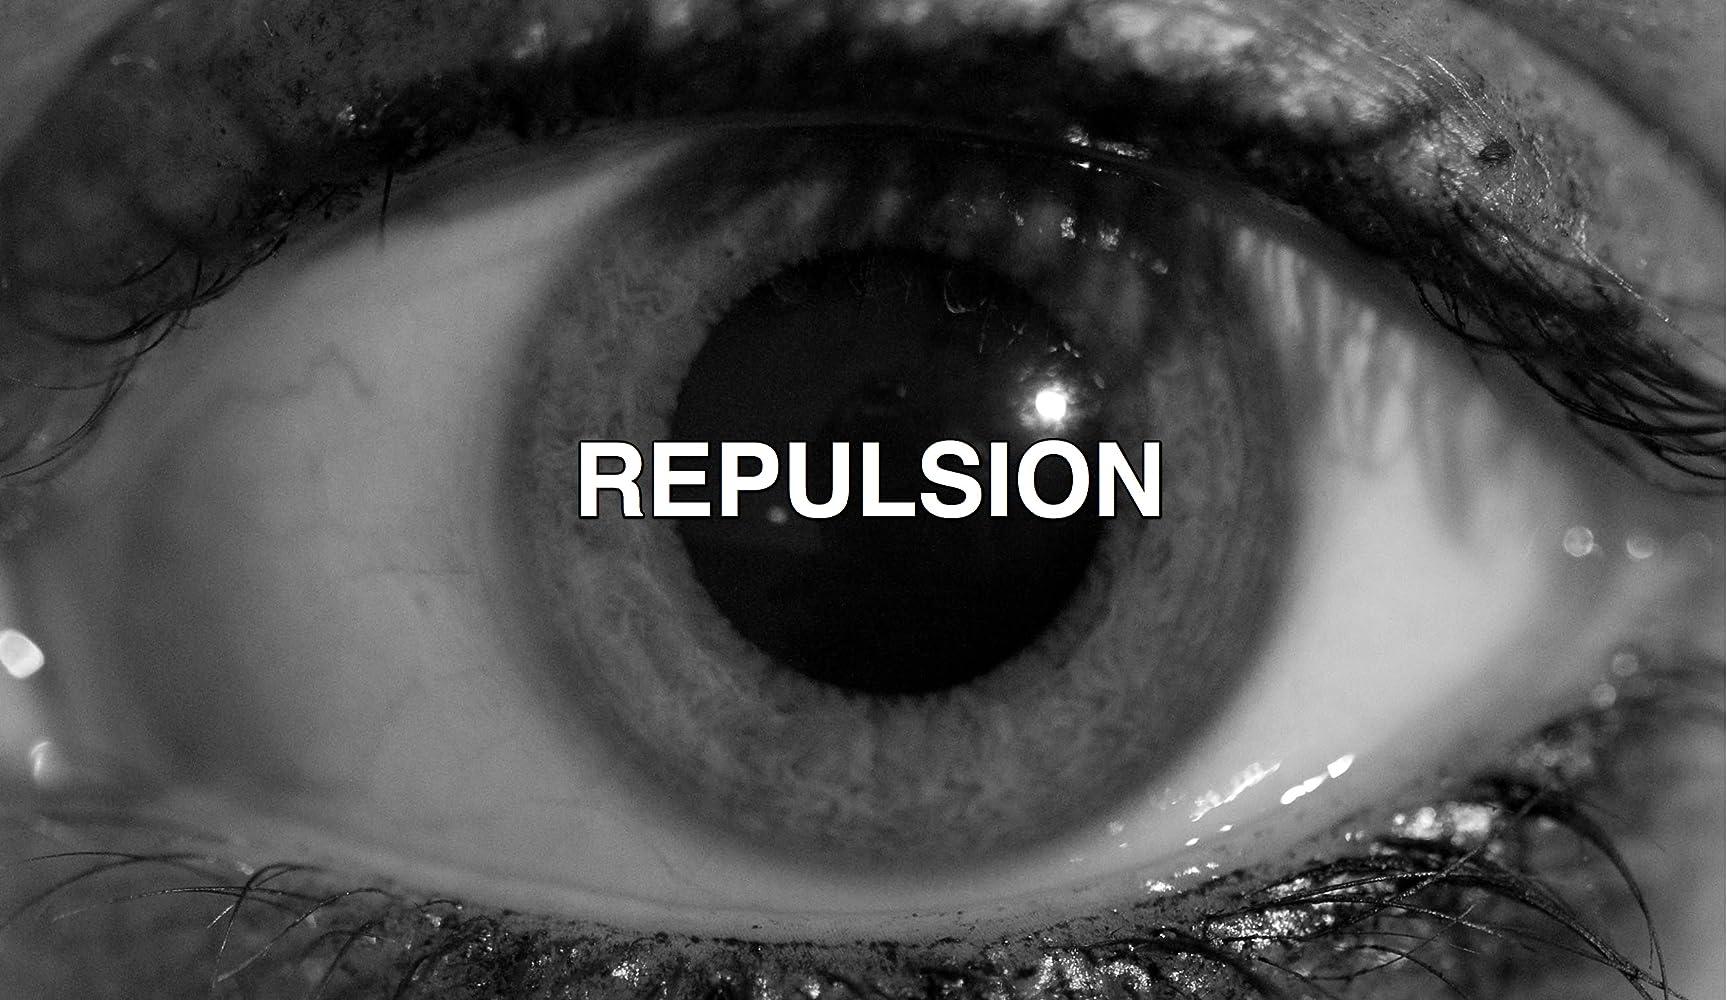 repulsion 1965 ile ilgili görsel sonucu